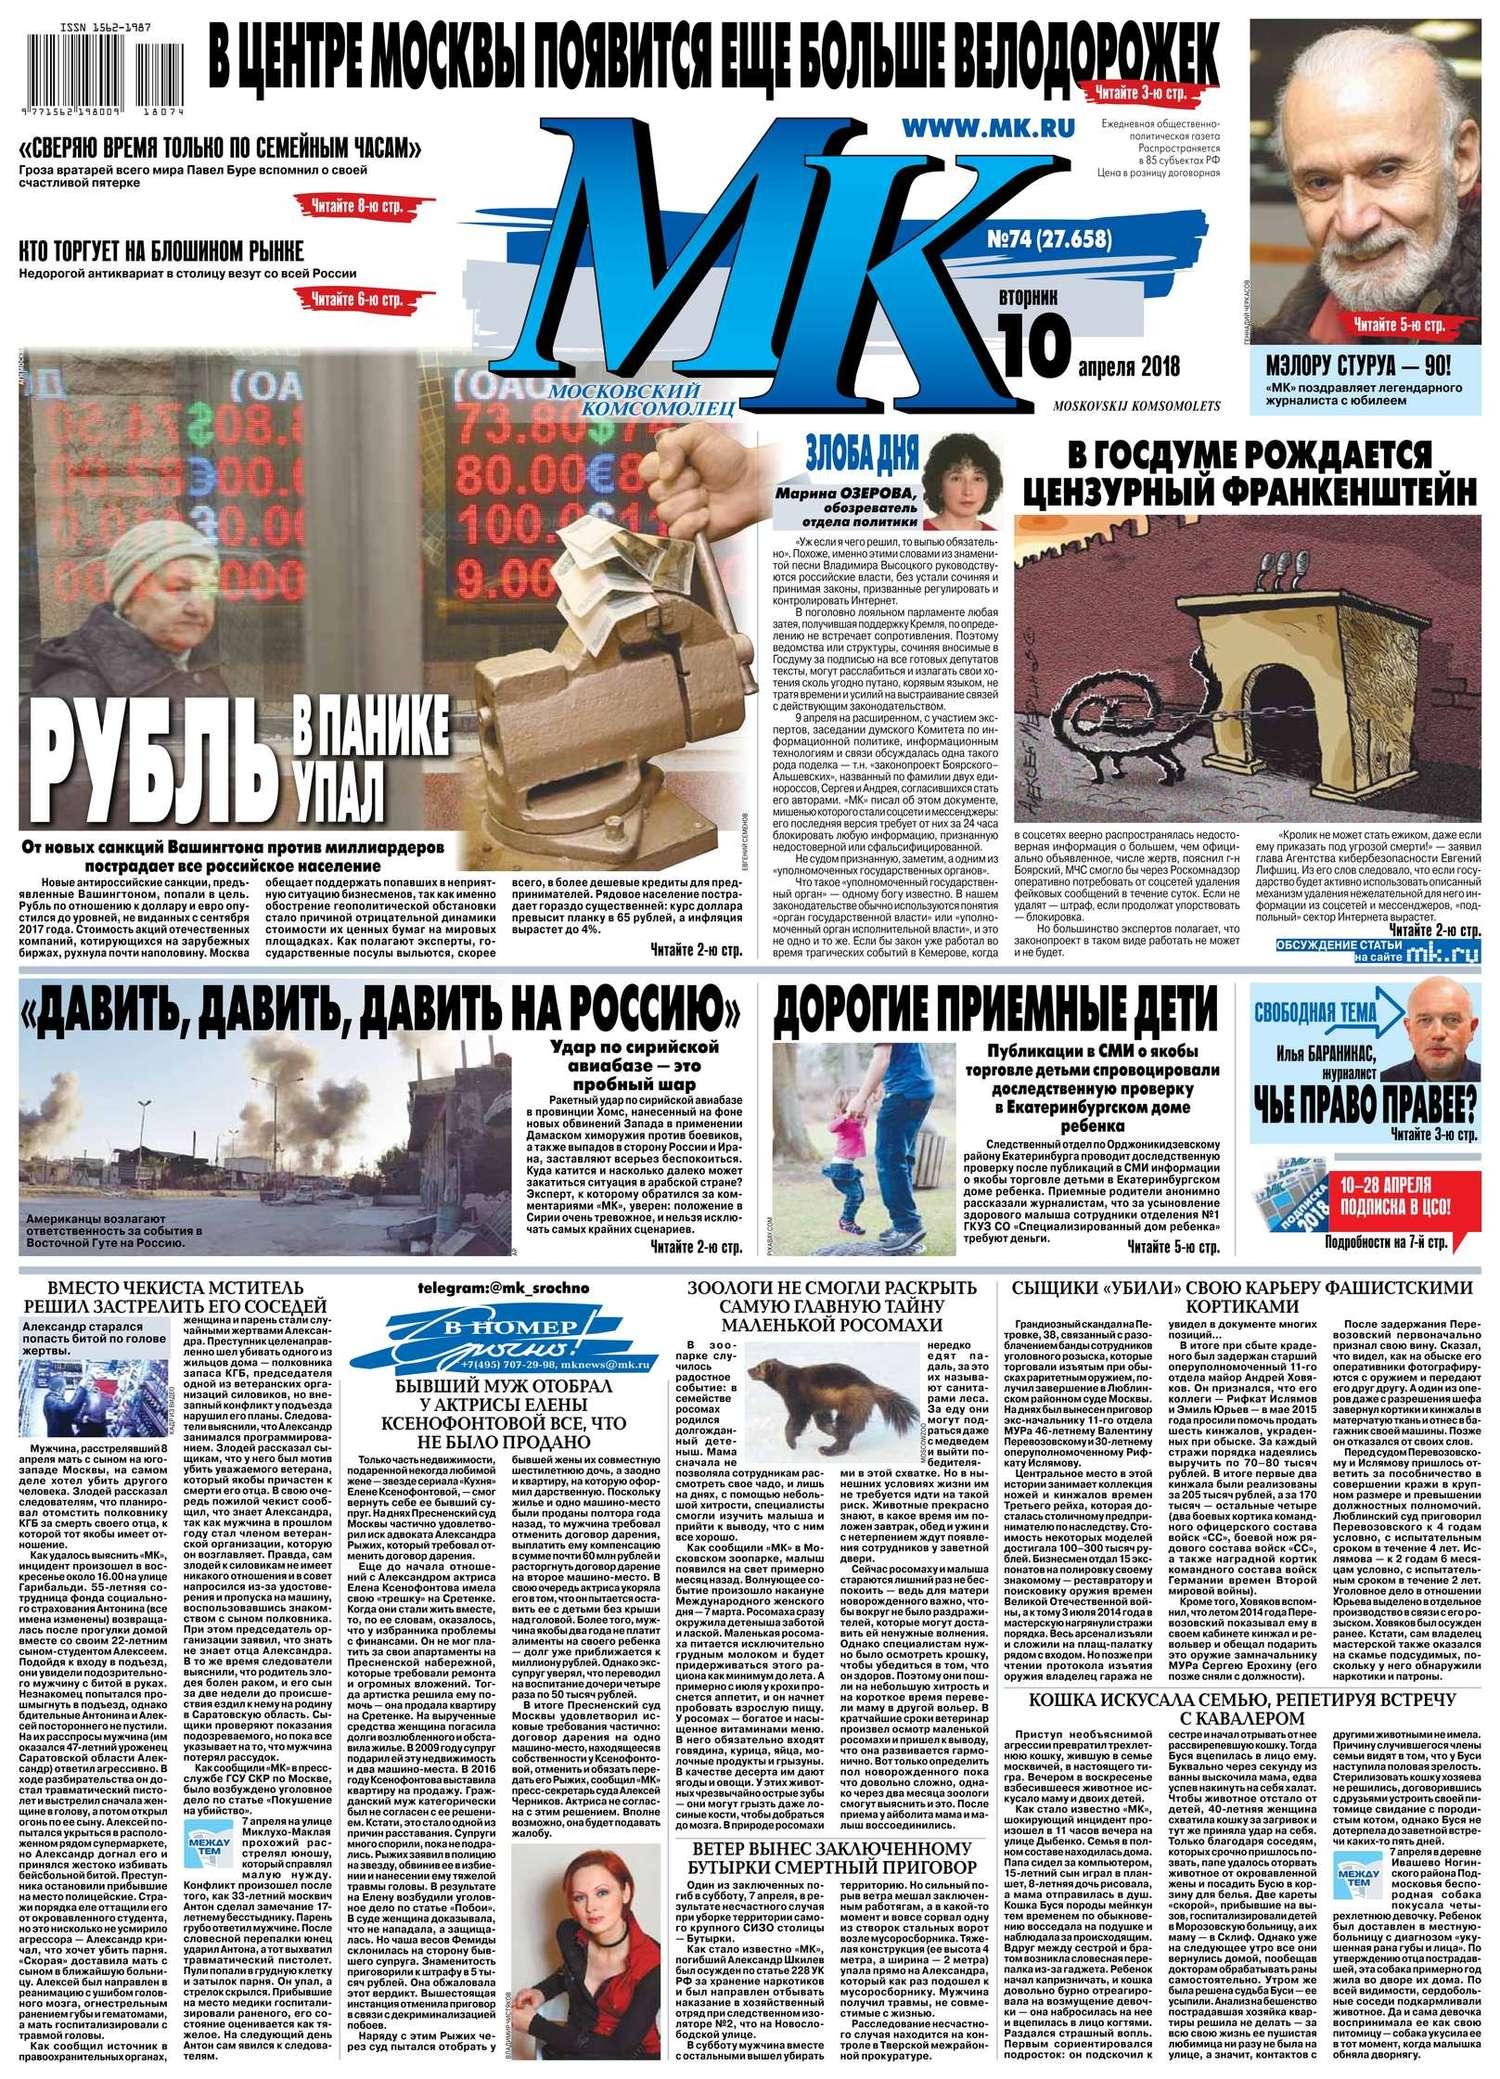 Редакция газеты МК Московский комсомолец. МК Московский Комсомолец 74-2018